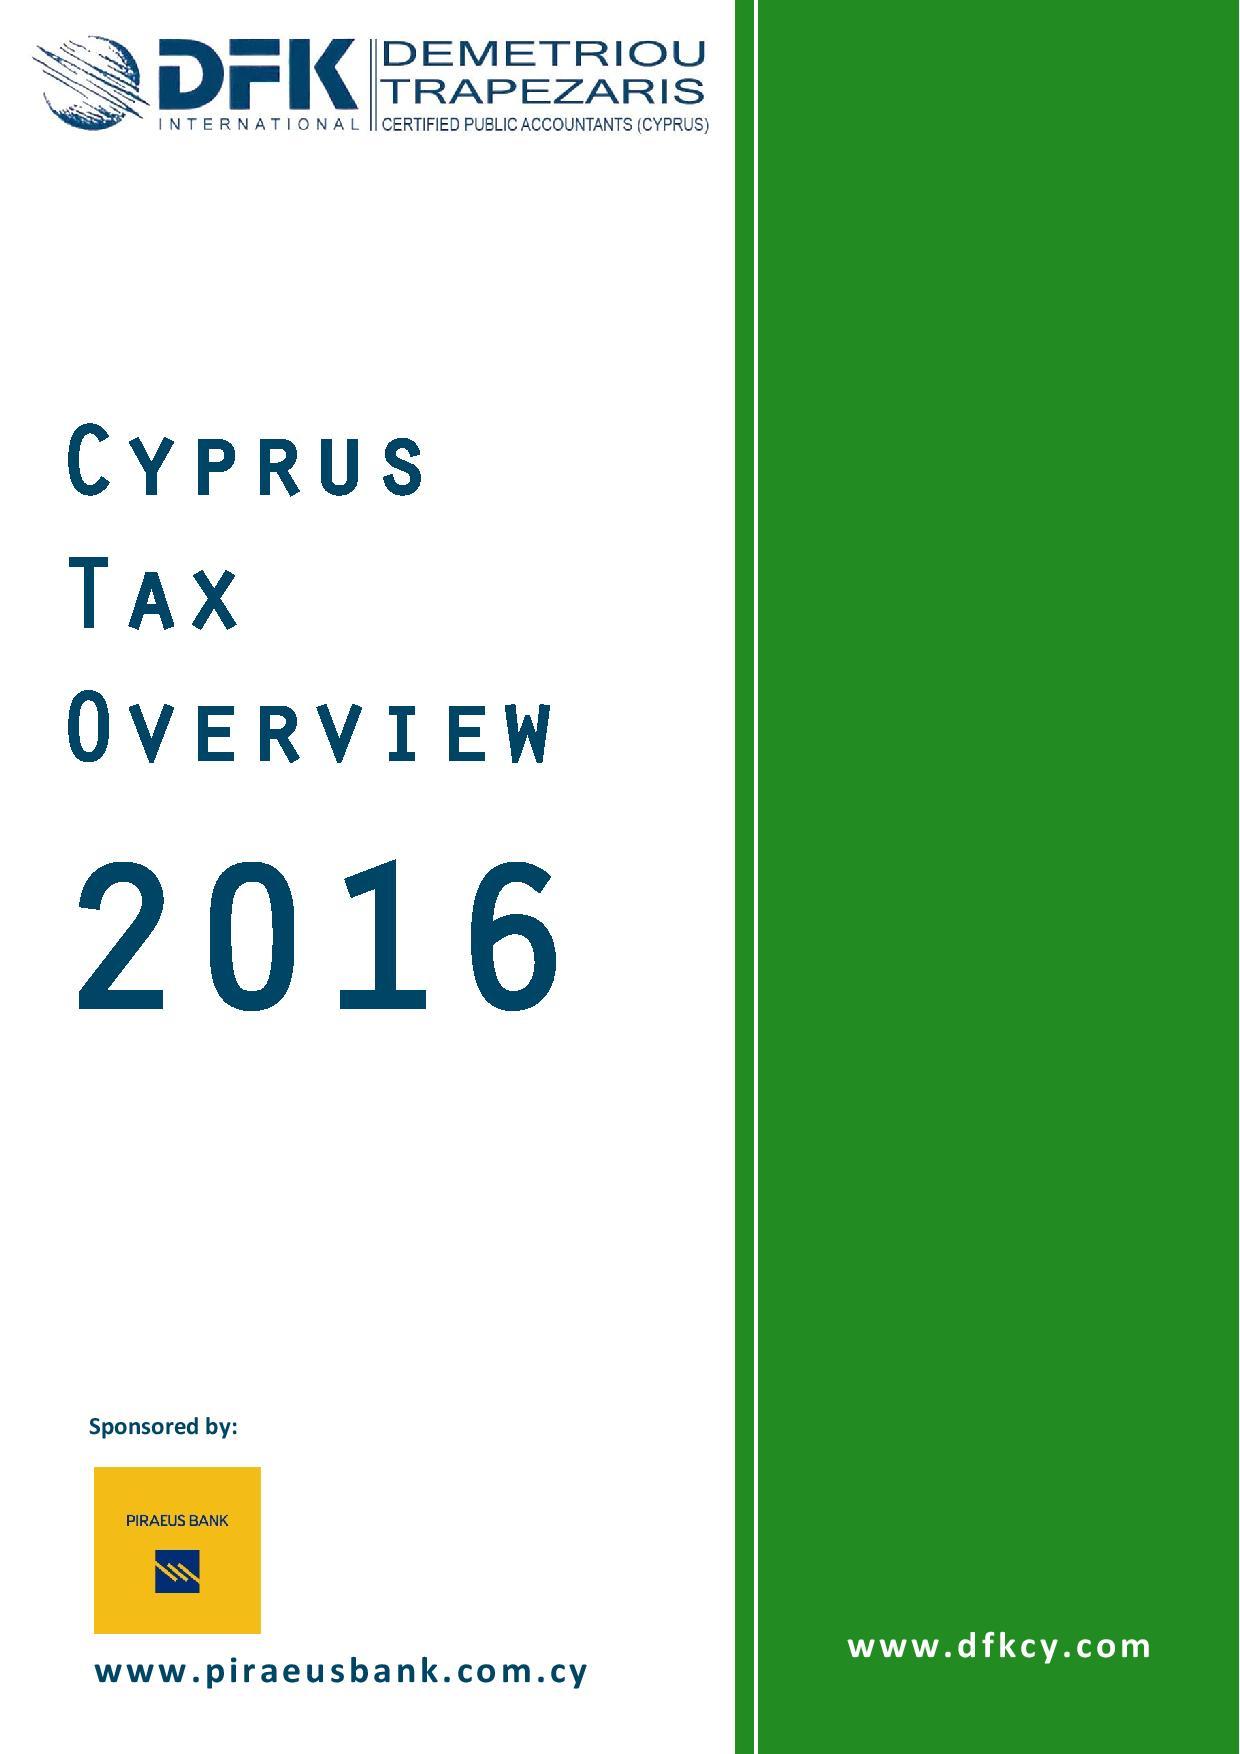 DFK Demetriou Trapezaris Ltd: Cyprus Tax Overview 2016